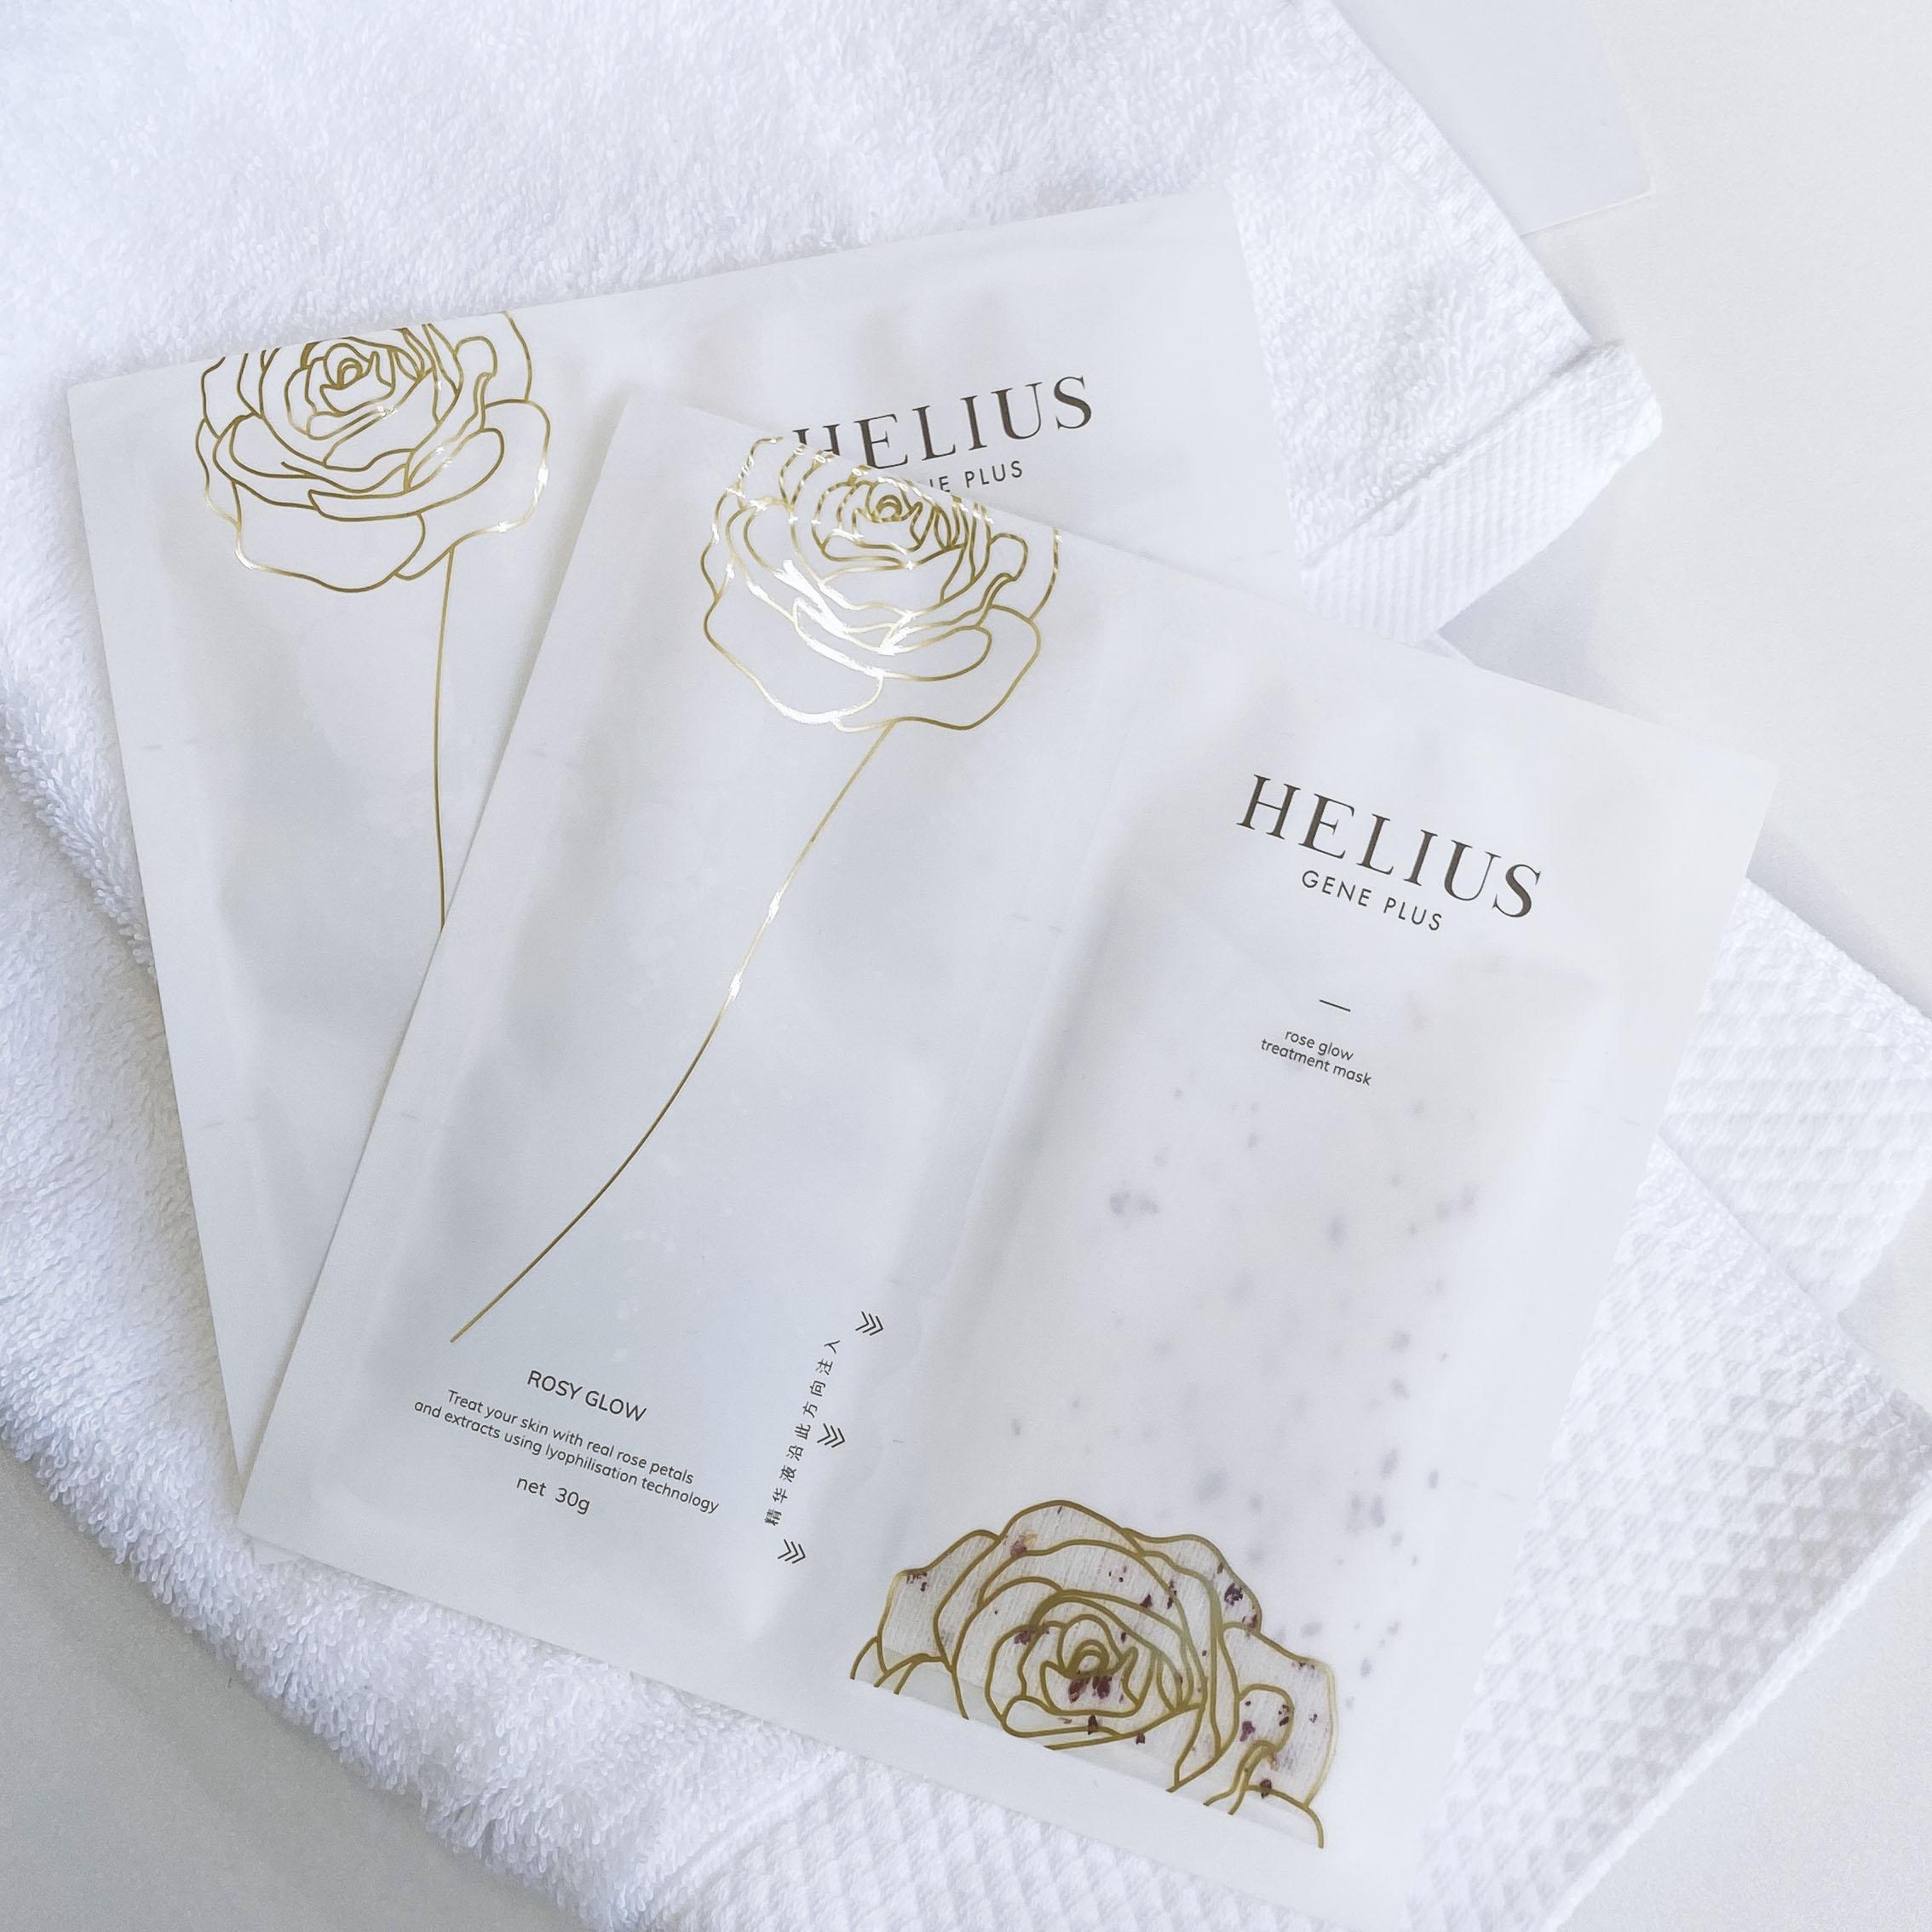 美白面膜推荐:HELIUS赫丽尔斯玫瑰面膜